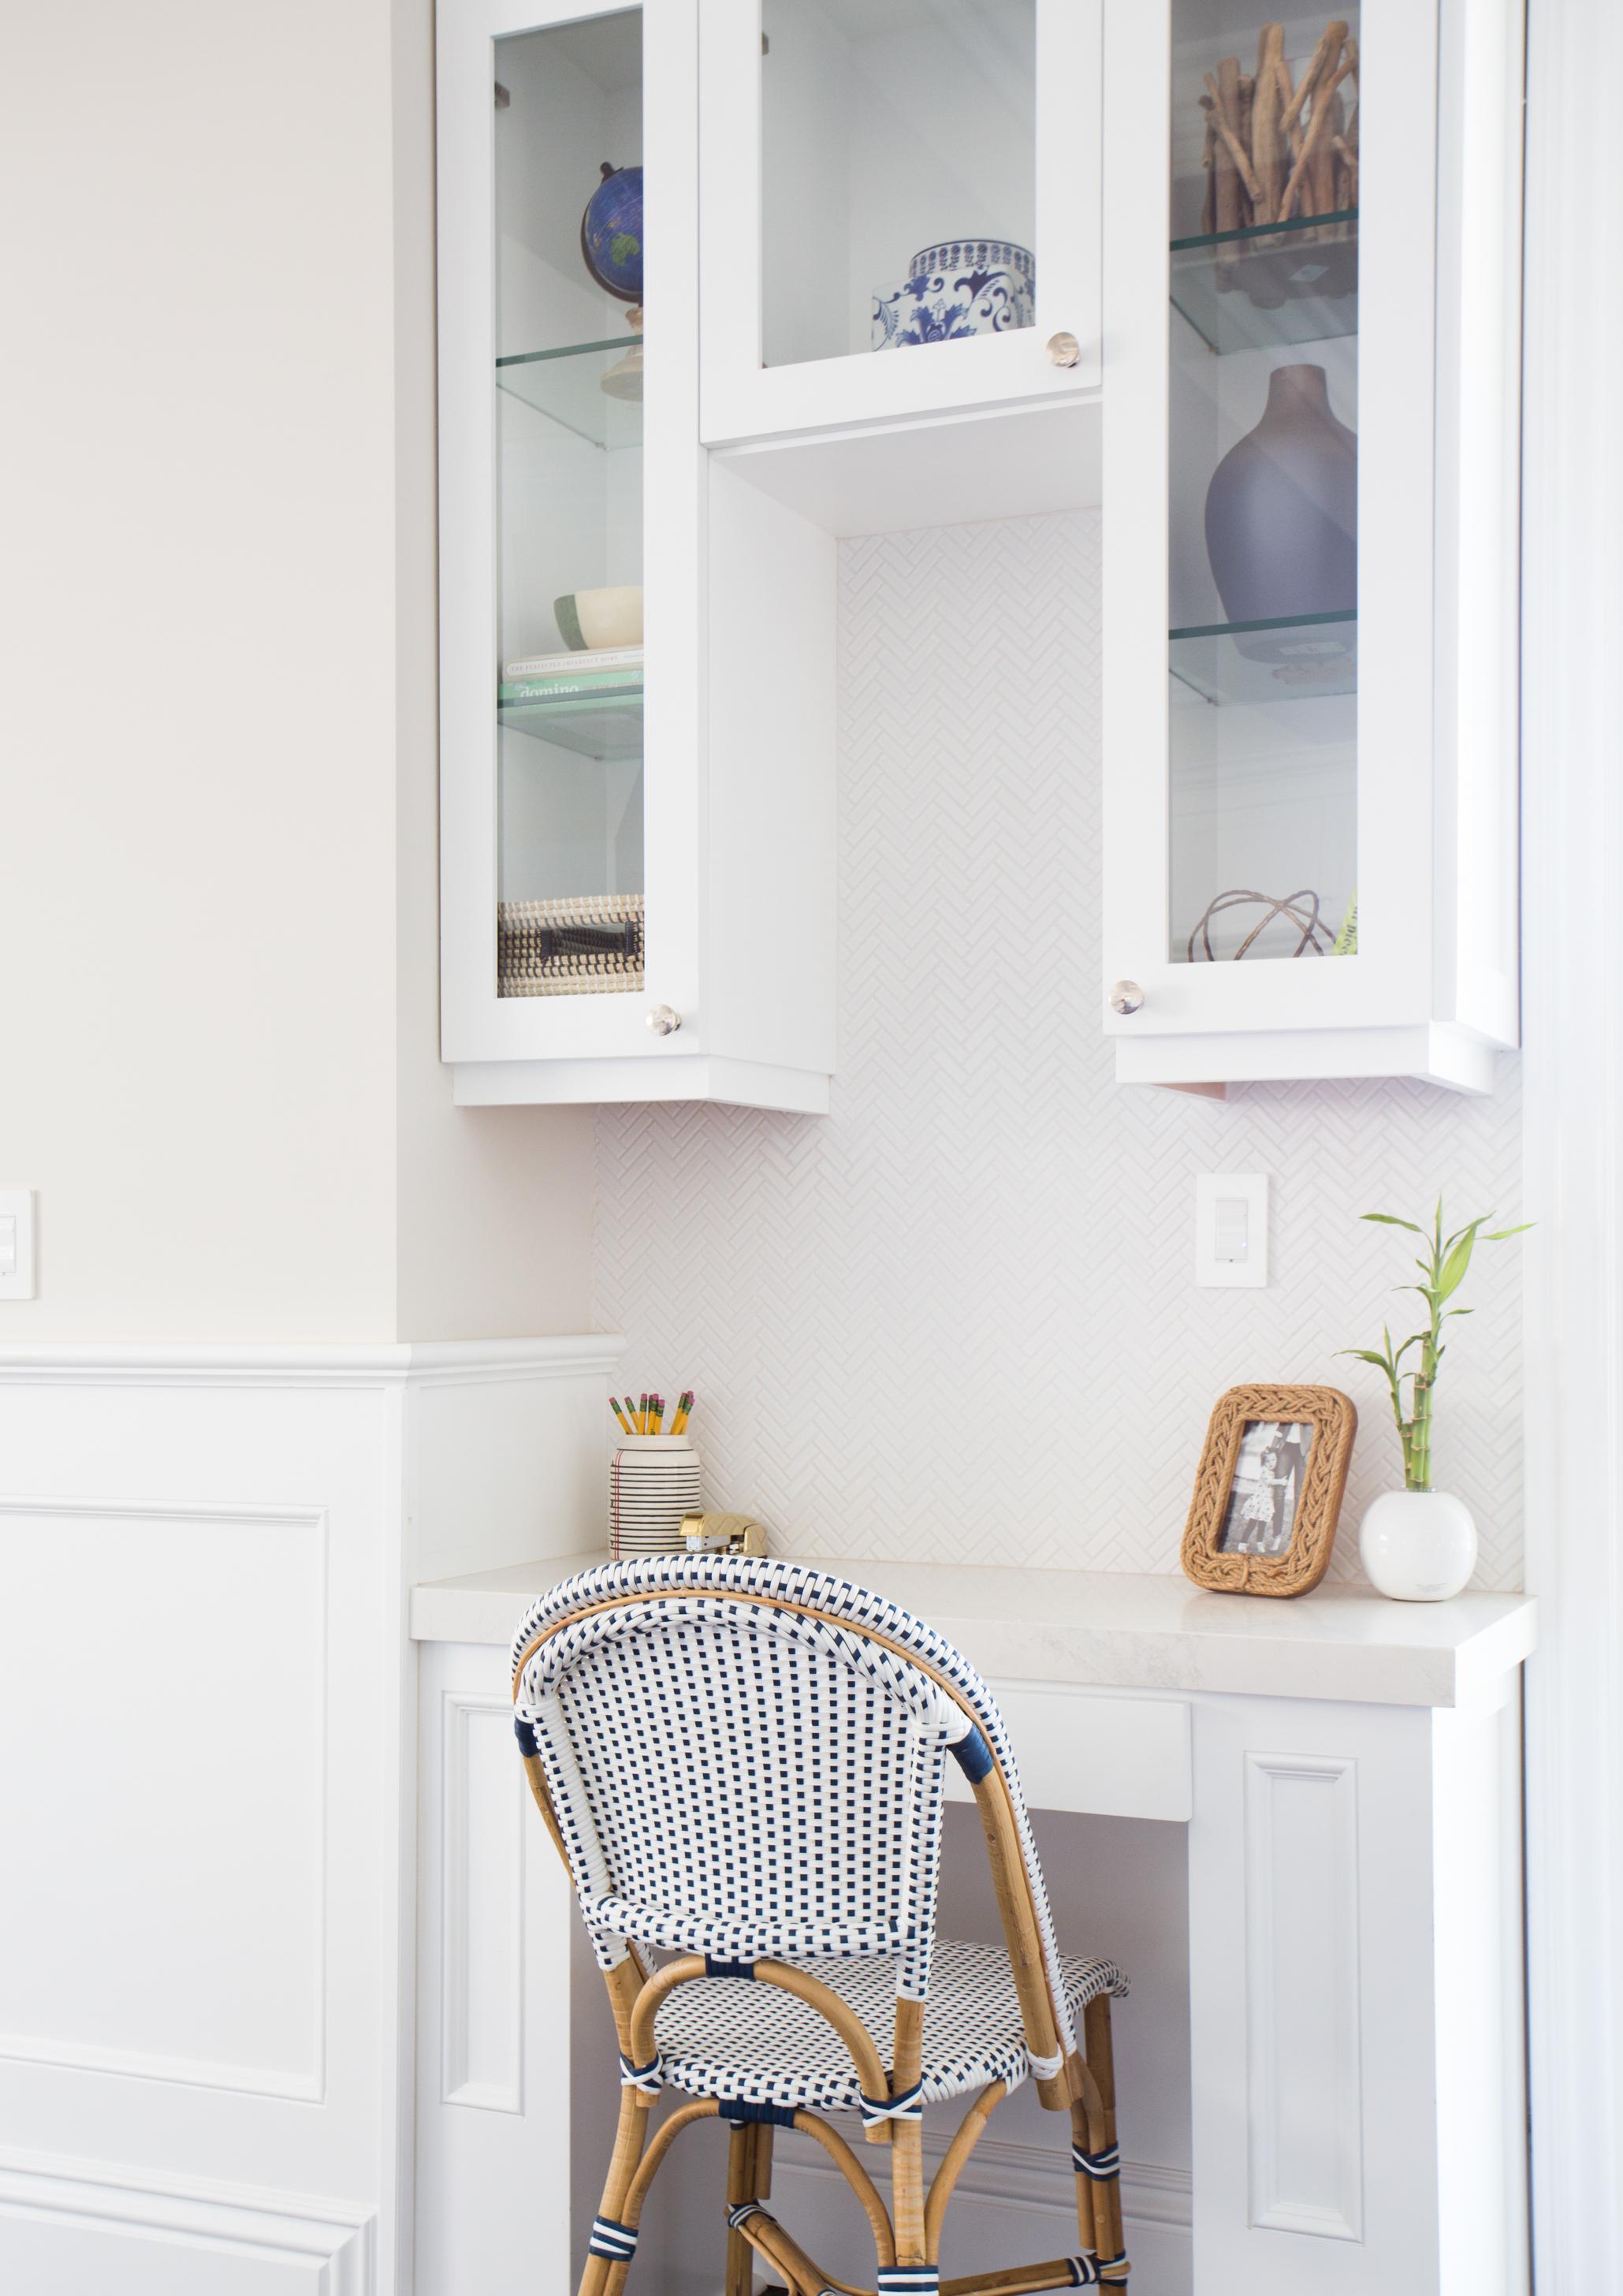 Studio McGee - Palisades Kitchen Work Nook